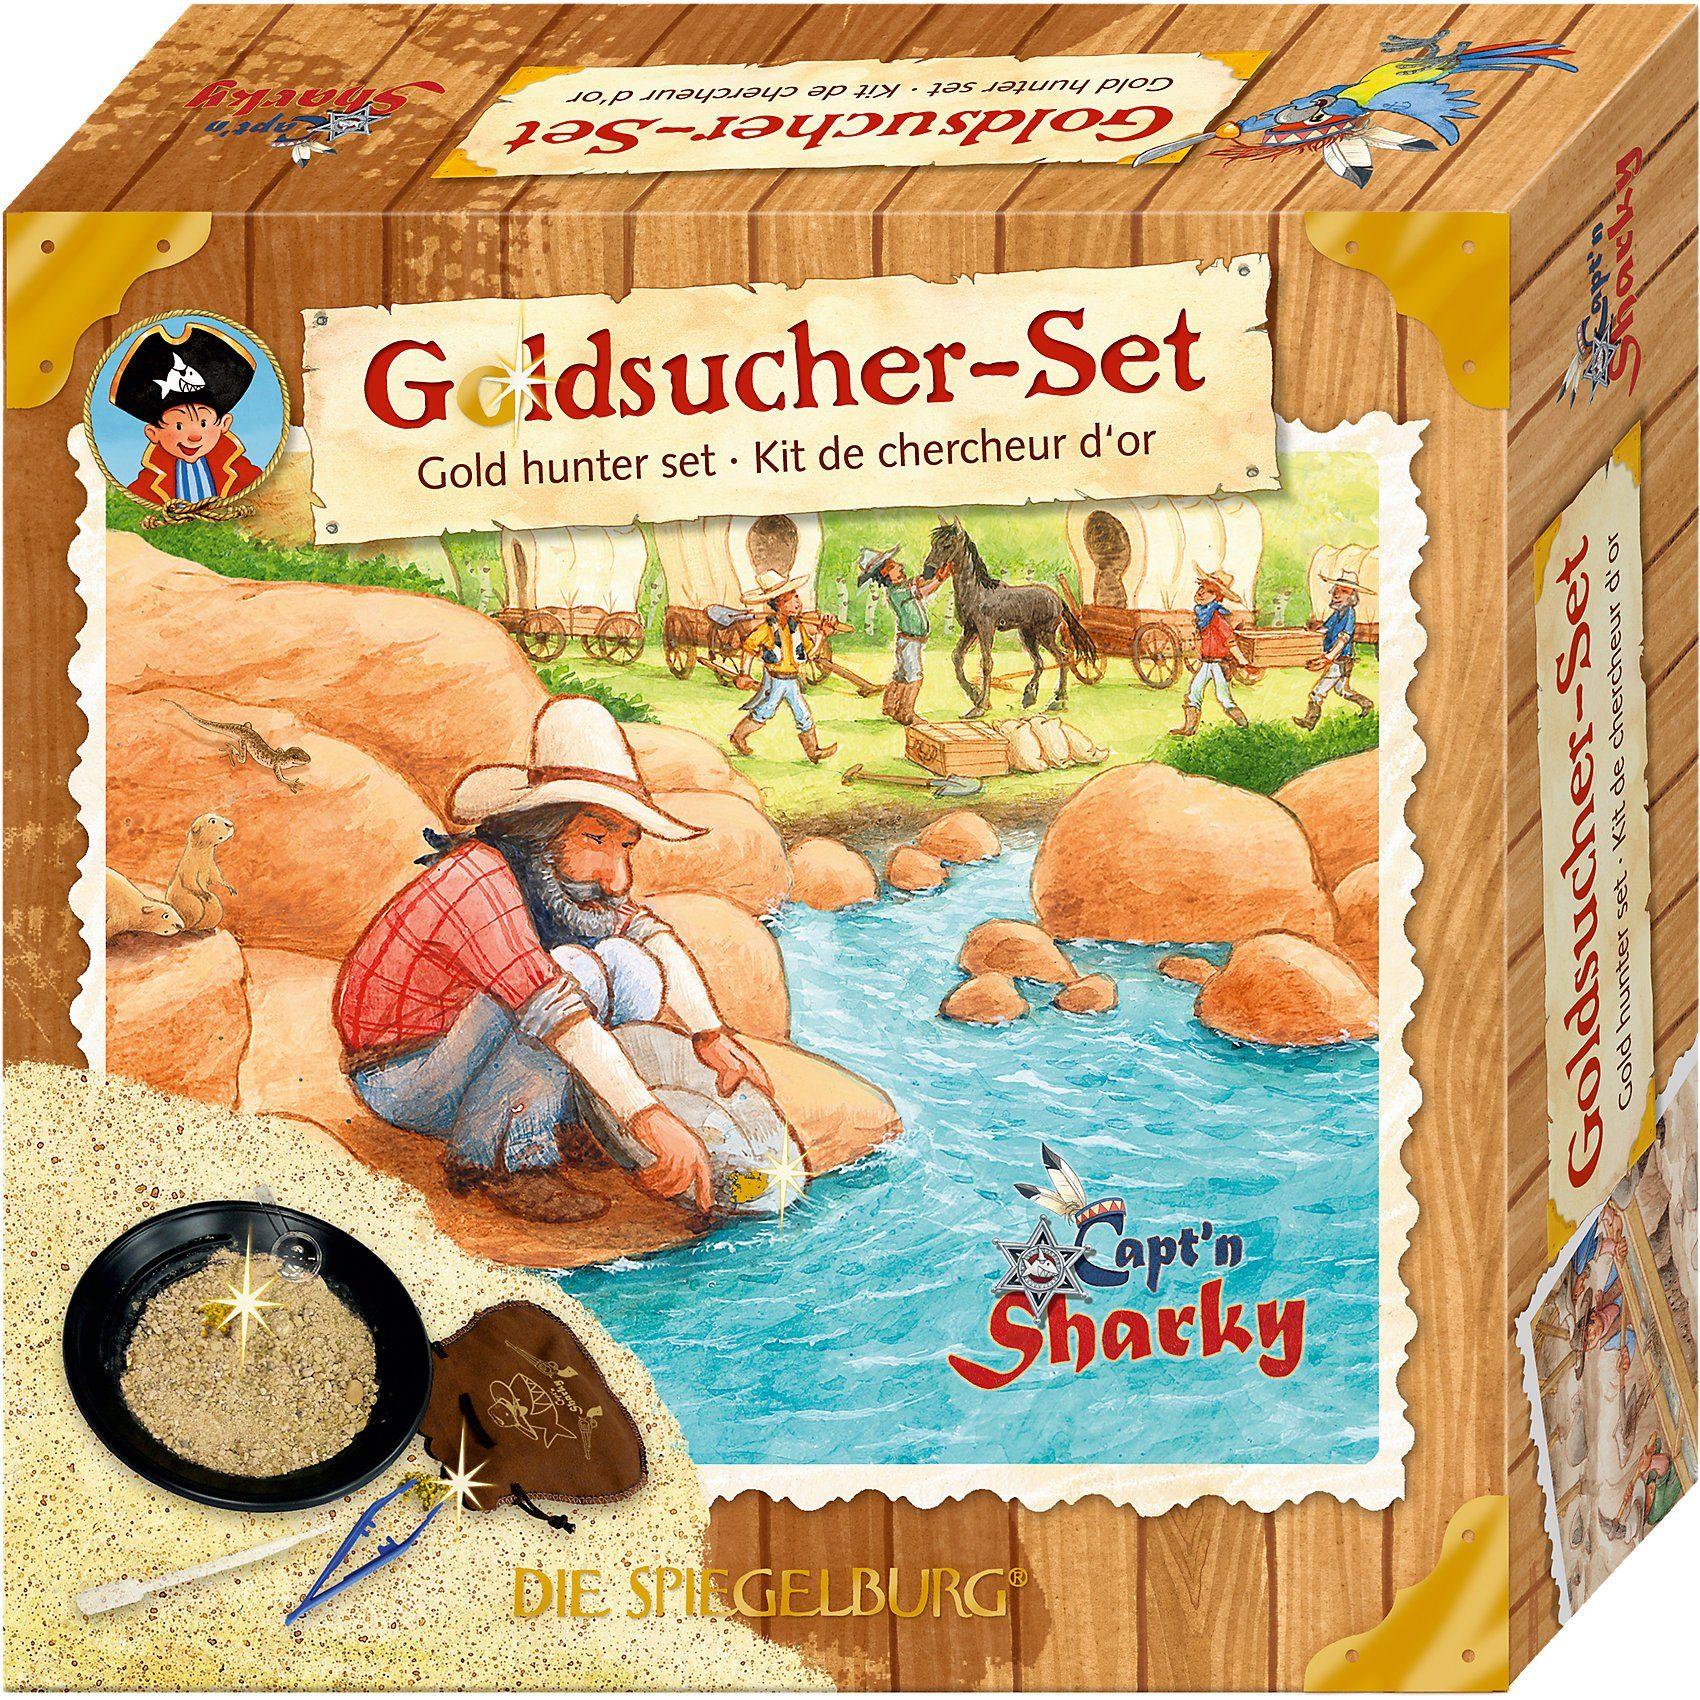 Spiegelburg Goldsucher-Set Capt'n Sharky